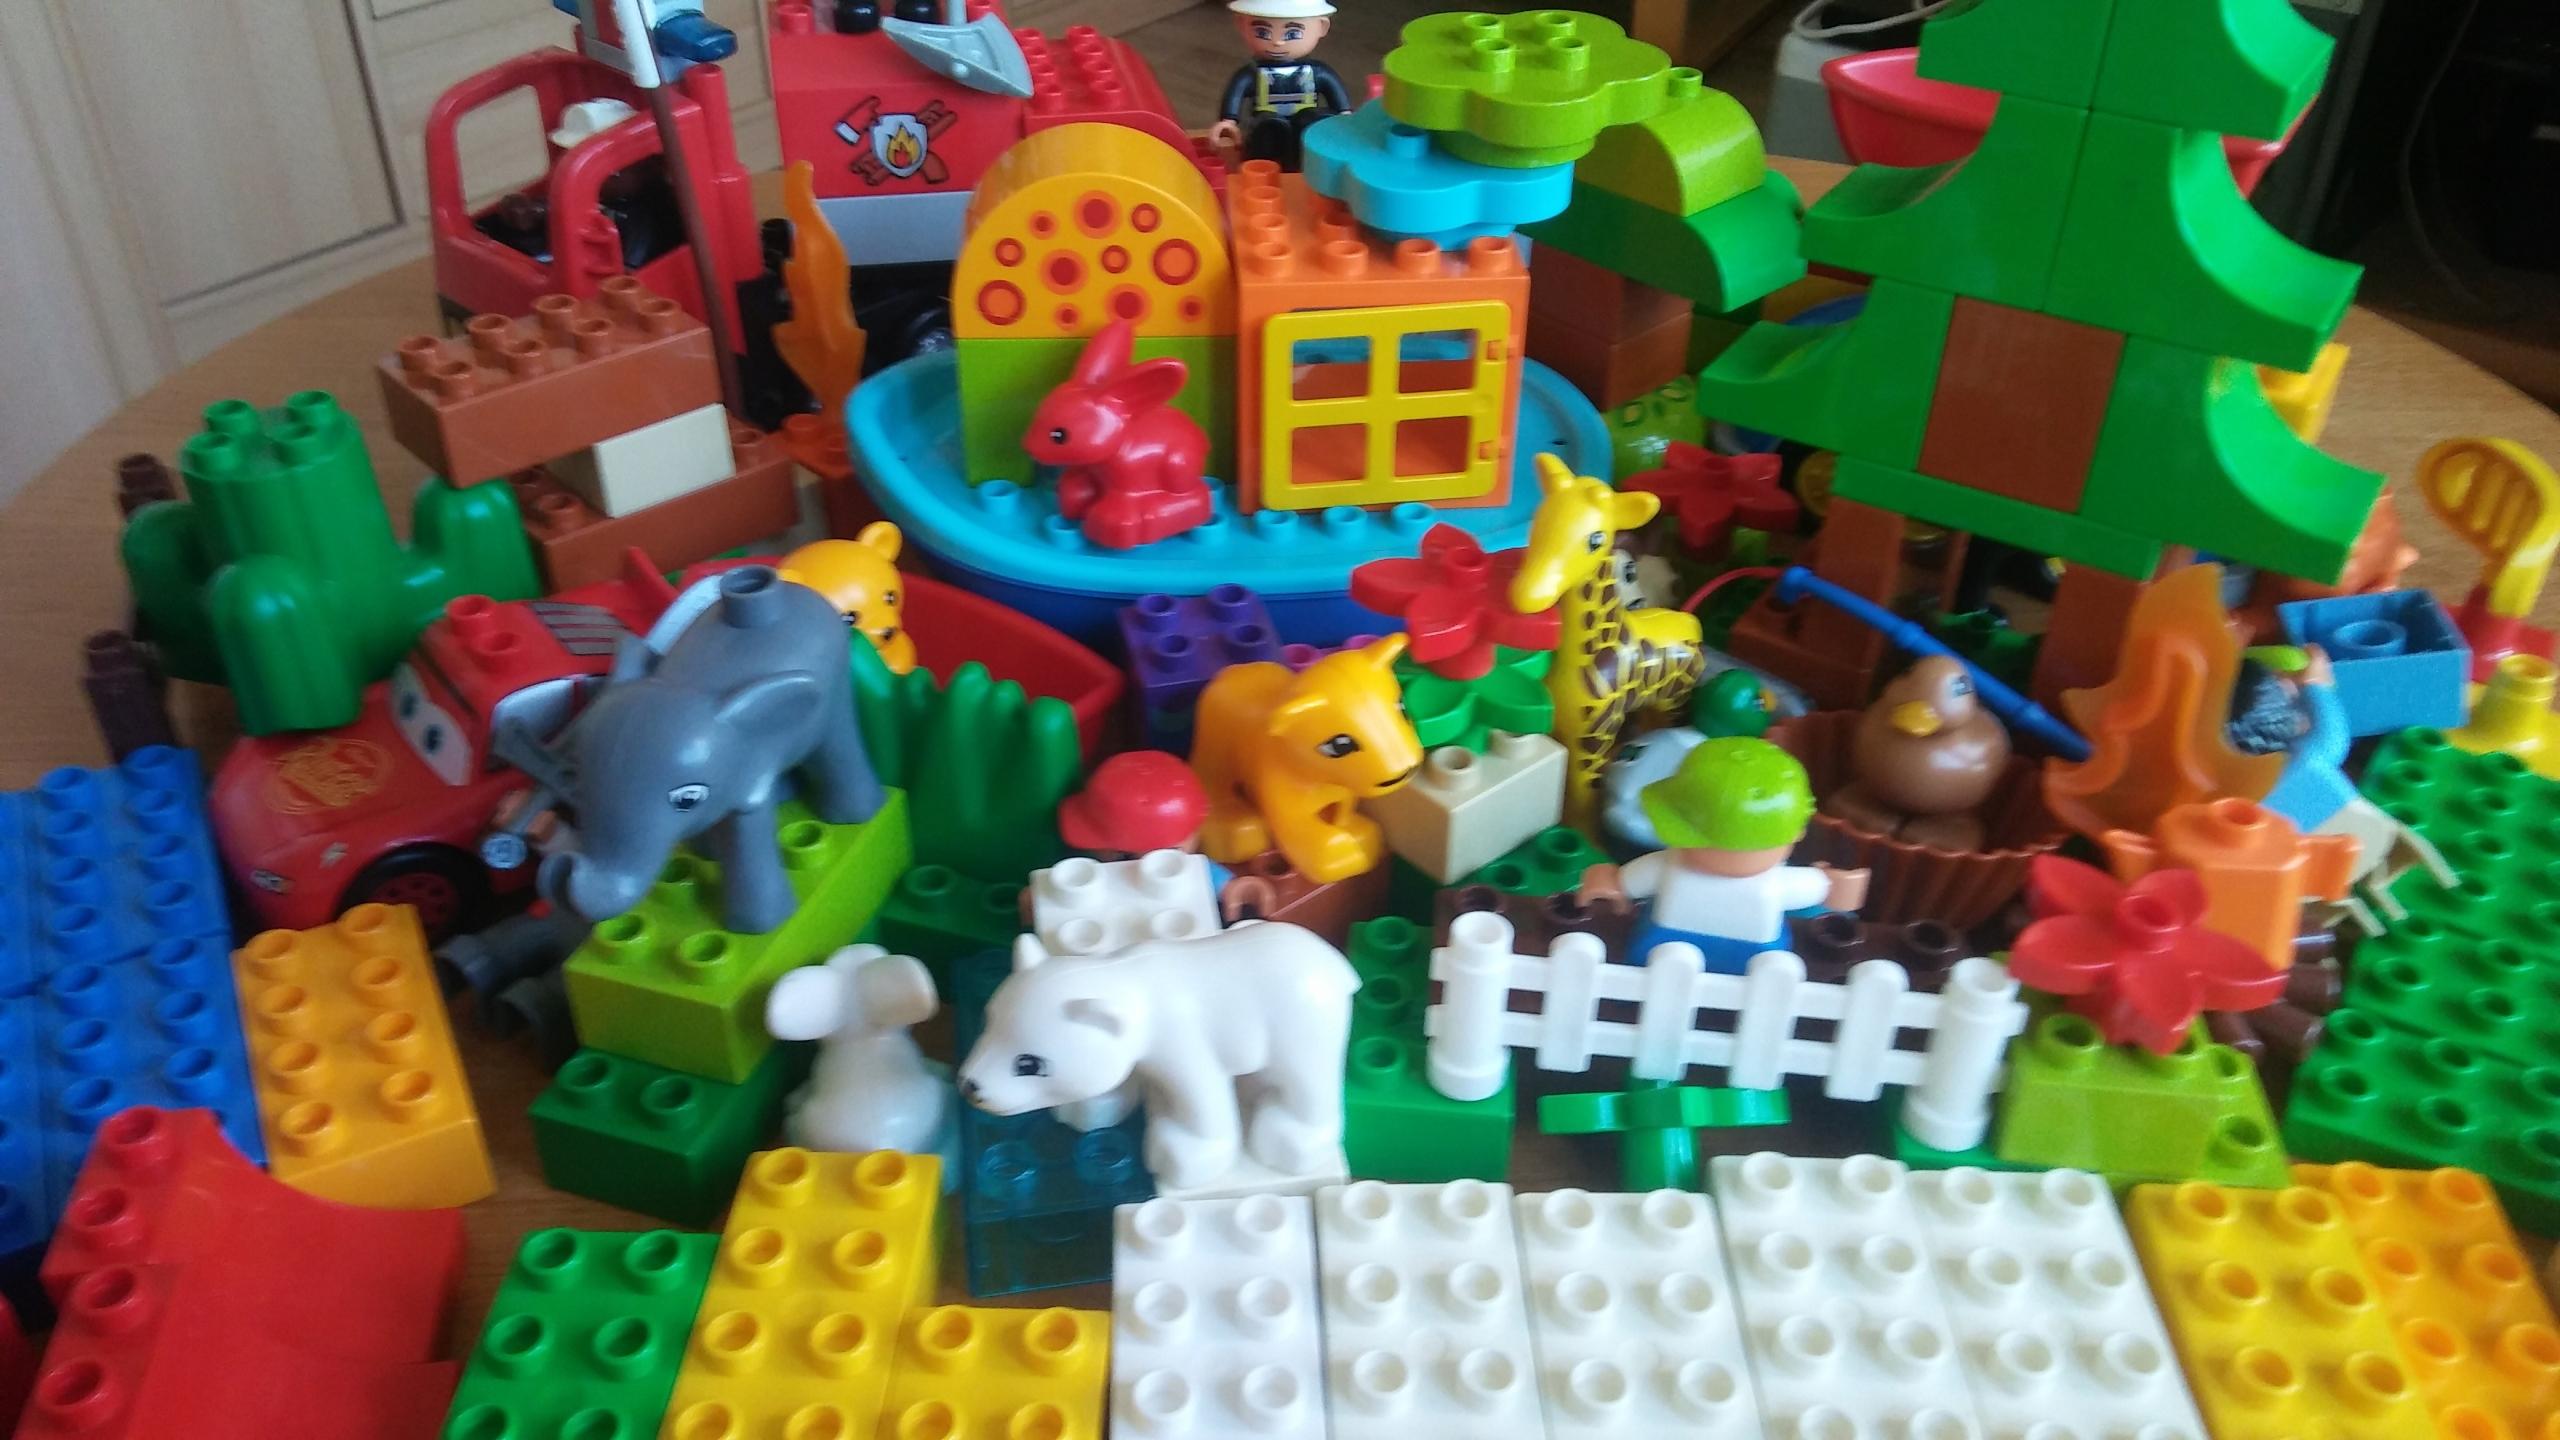 Lego Duplo Klocki Figurki Zwierzęta 7 W 1 7615756632 Oficjalne